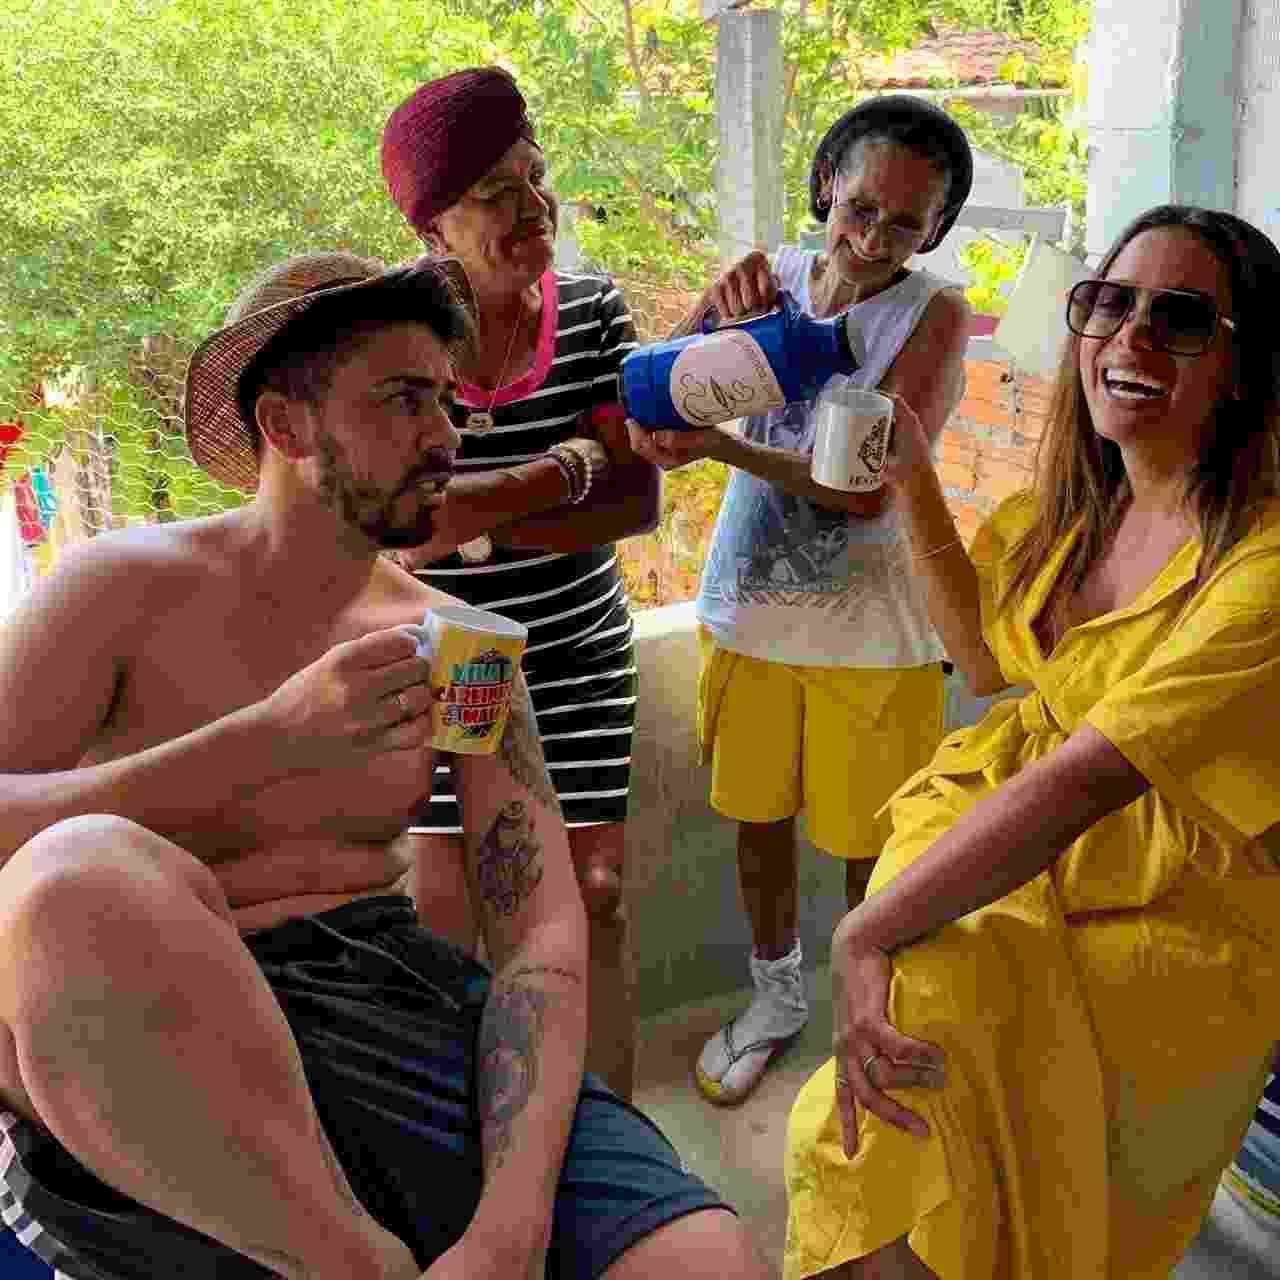 Após um show na Festa de Bom Jesus dos Navegates, Anitta aproveitou para visitar a casa do amigo Carlinhos Maia, na pequena Penedo, onde ele mora. No local, ela conheceu a vizinha Madalena, que serviu o famoso cafezinho - Divulgação